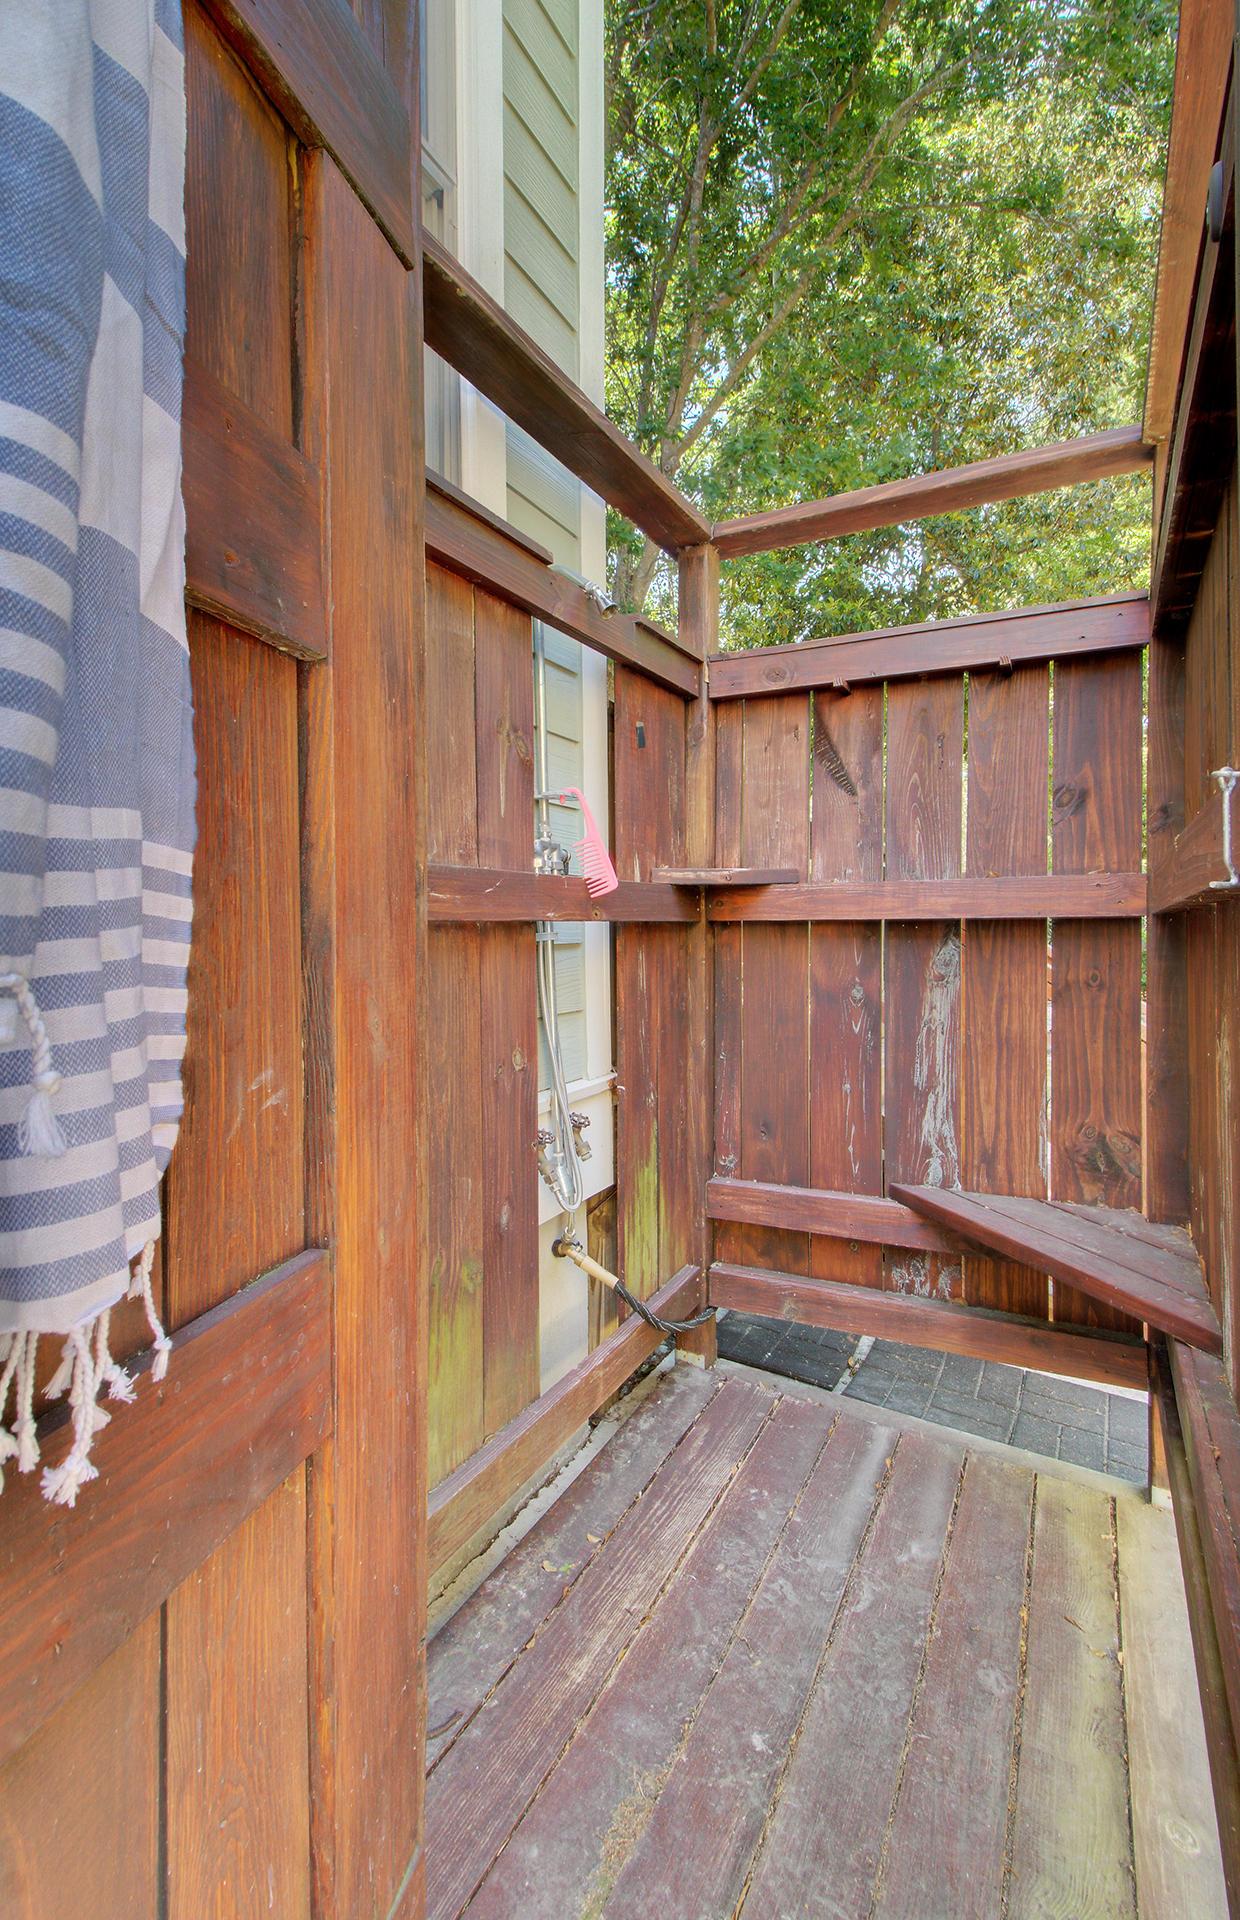 Phillips Park Homes For Sale - 1129 Phillips Park, Mount Pleasant, SC - 18